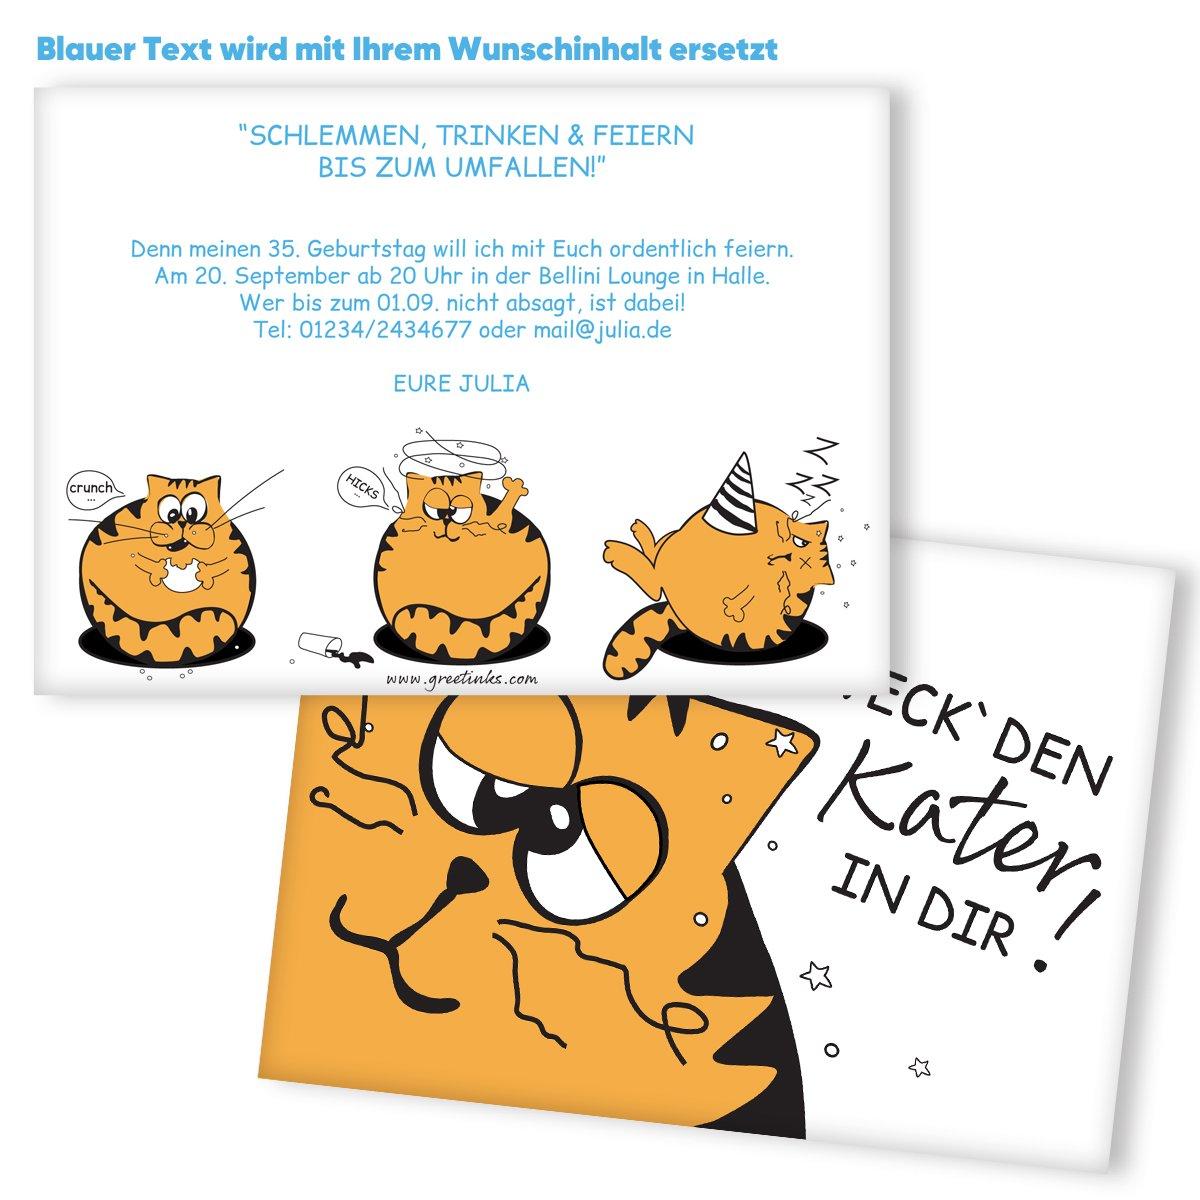 Einladungskarten Geburtstag Geburtstag Geburtstag Kater   40 Stück   Inkl. Druck Ihrer Texte   Katze   Einladungskarten zum Geburtstag   Geburtstagskarten   Individuelle Einladungen   Lustige Einladungskarte B076KFRGNR | Lebhaft  | Lass unsere Waren in die Welt gehen  | fca0ba